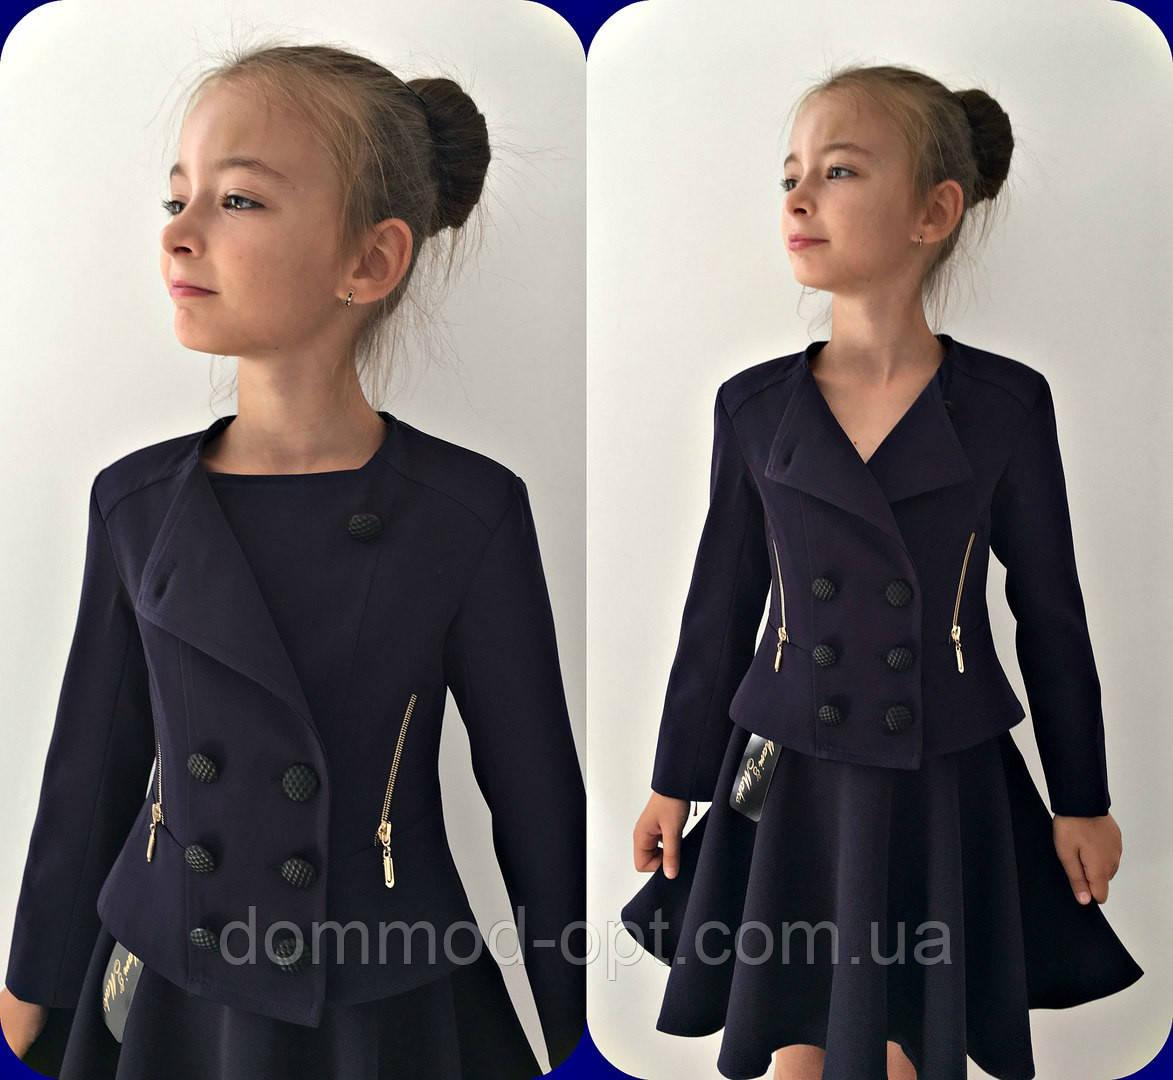 Подростковый школьный пиджак №641 (черный, синий)